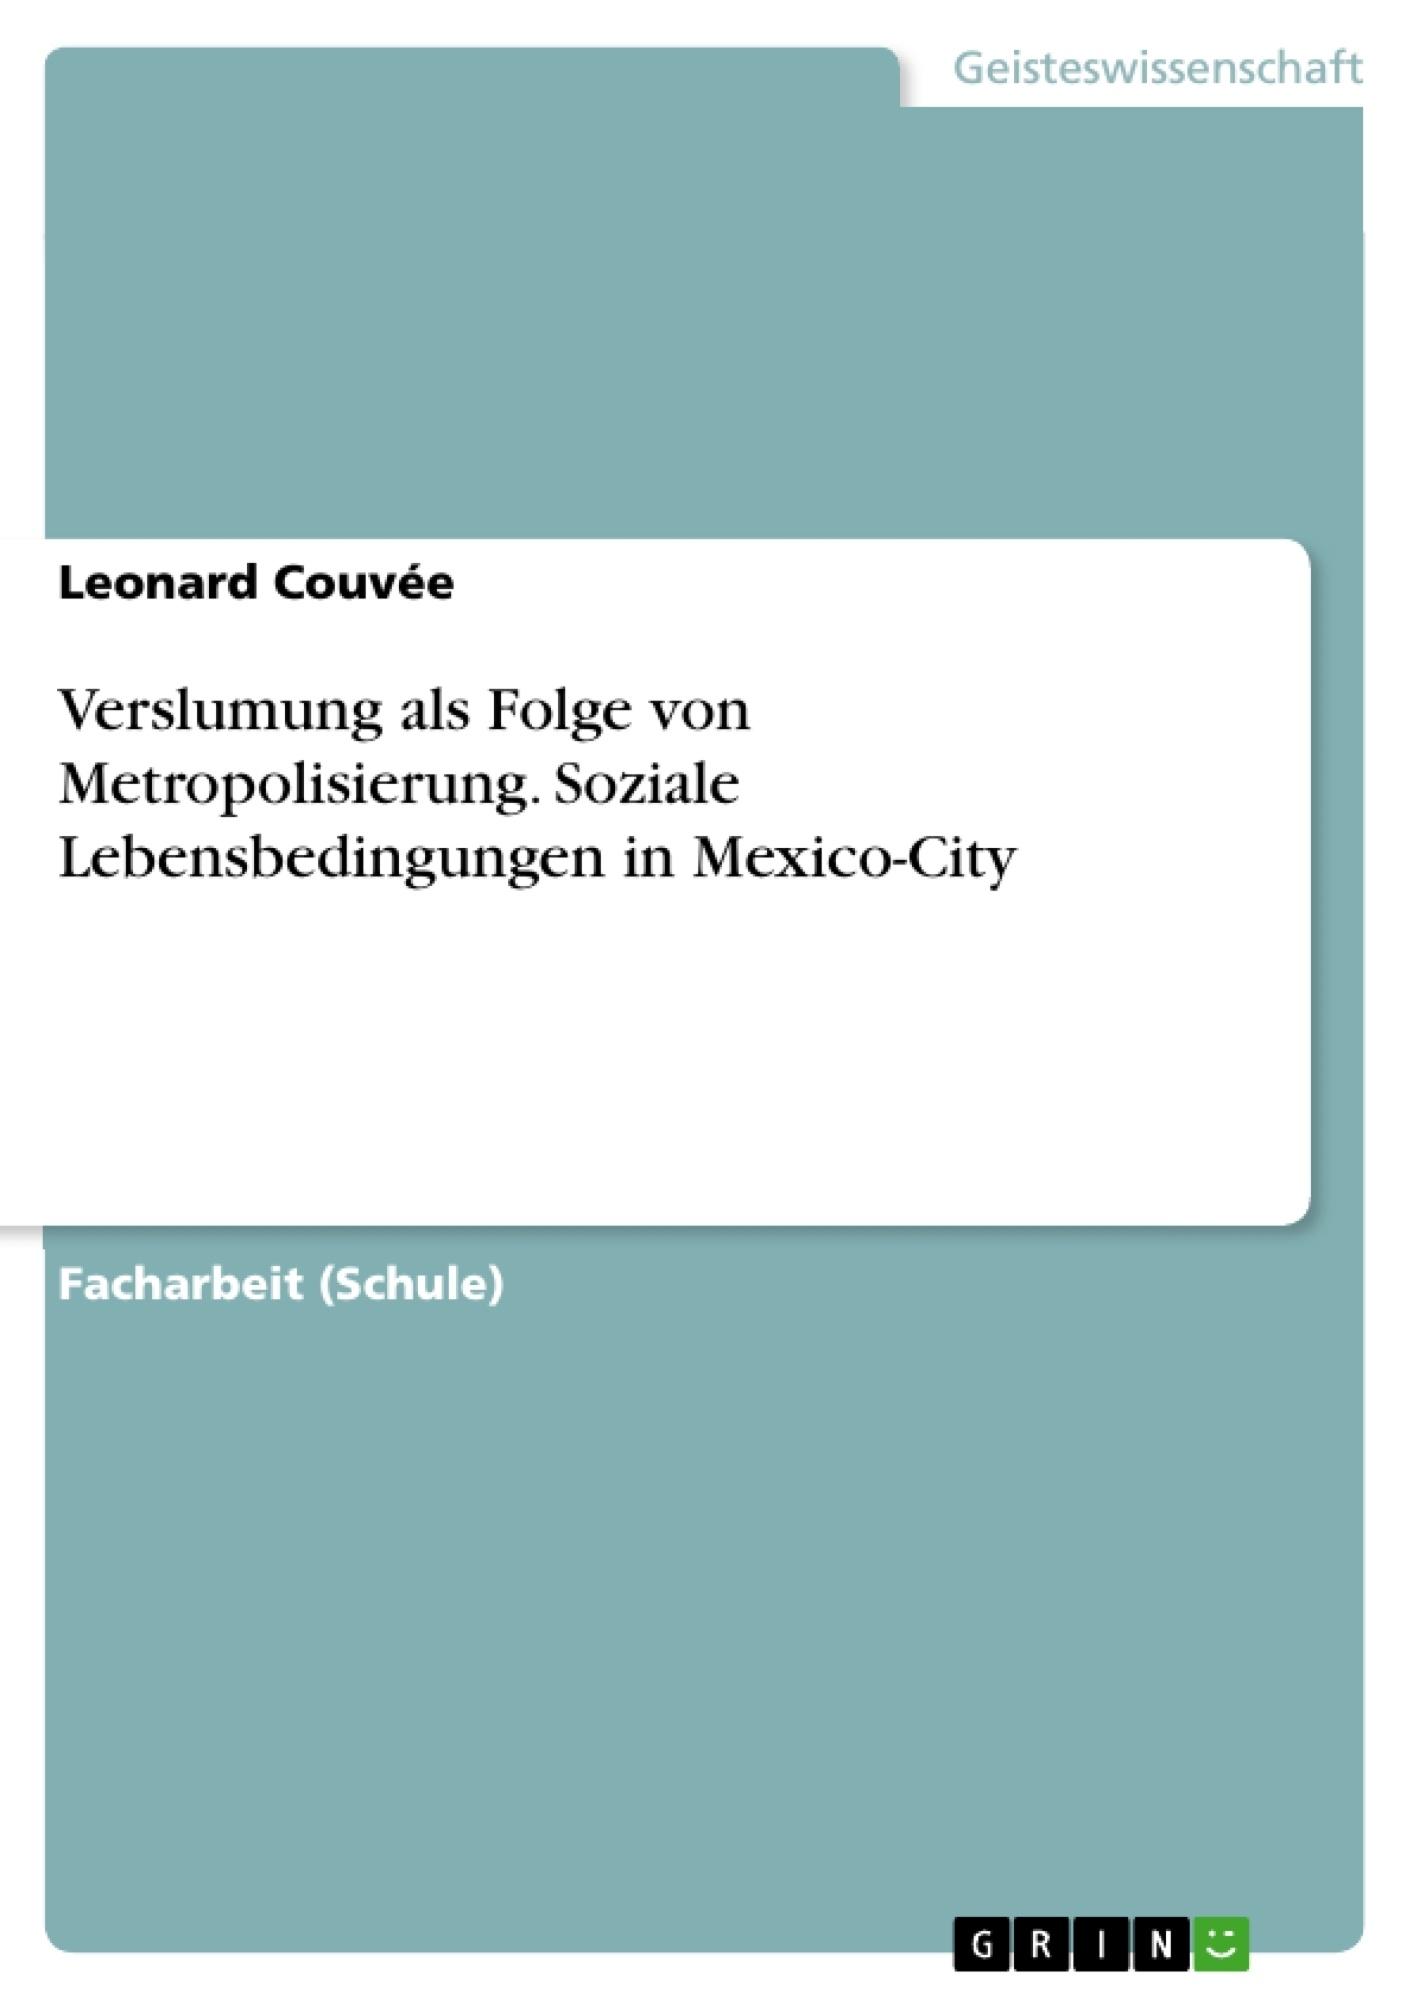 Titel: Verslumung als Folge von Metropolisierung. Soziale Lebensbedingungen in Mexico-City